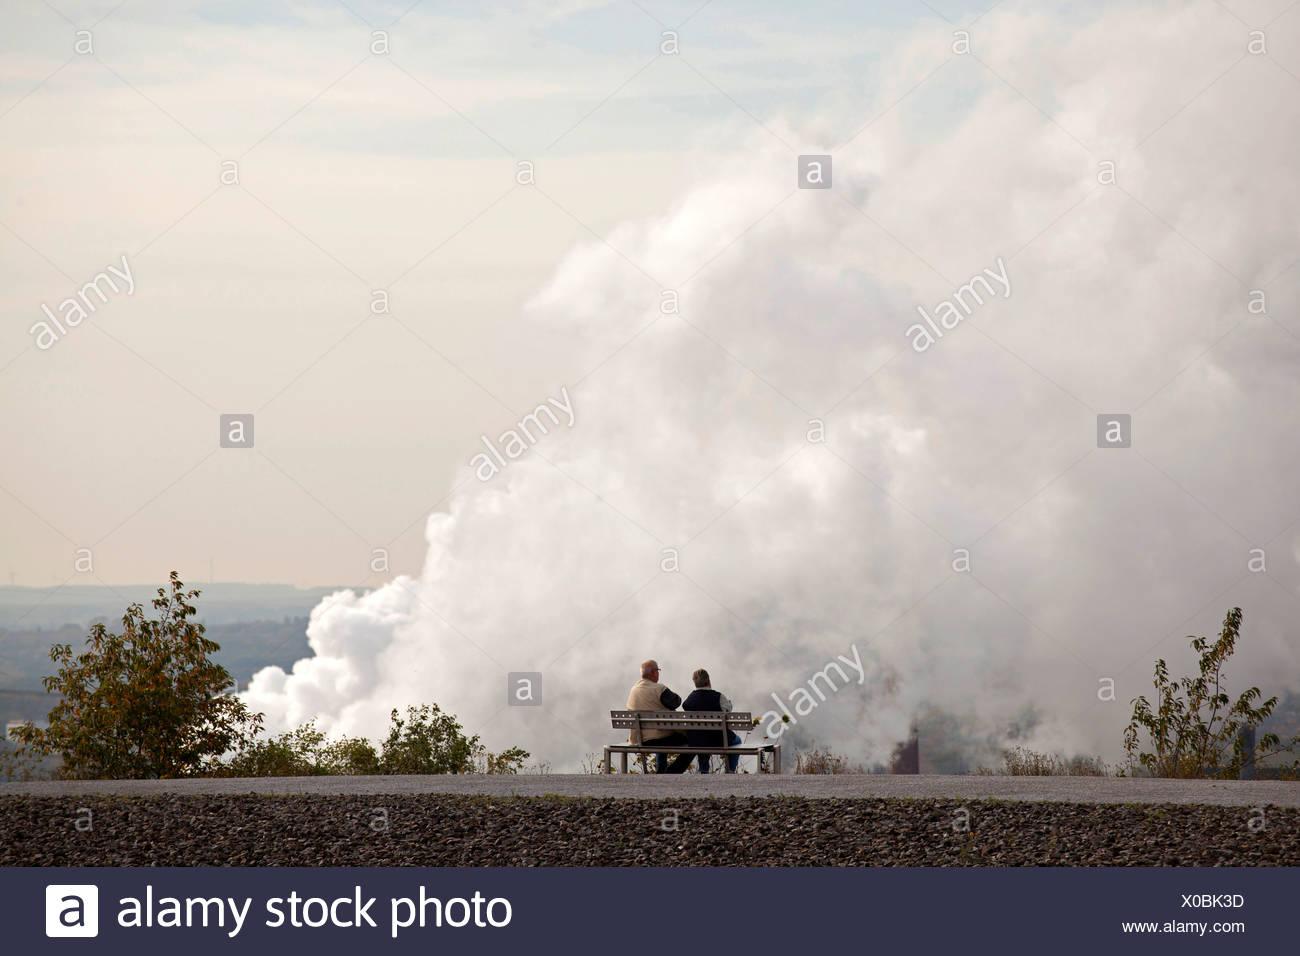 Par en un banco delante de la contaminación atmosférica procedente de una planta eléctrica en Bottrop, área de Ruhr, Renania del Norte-Westfalia Imagen De Stock